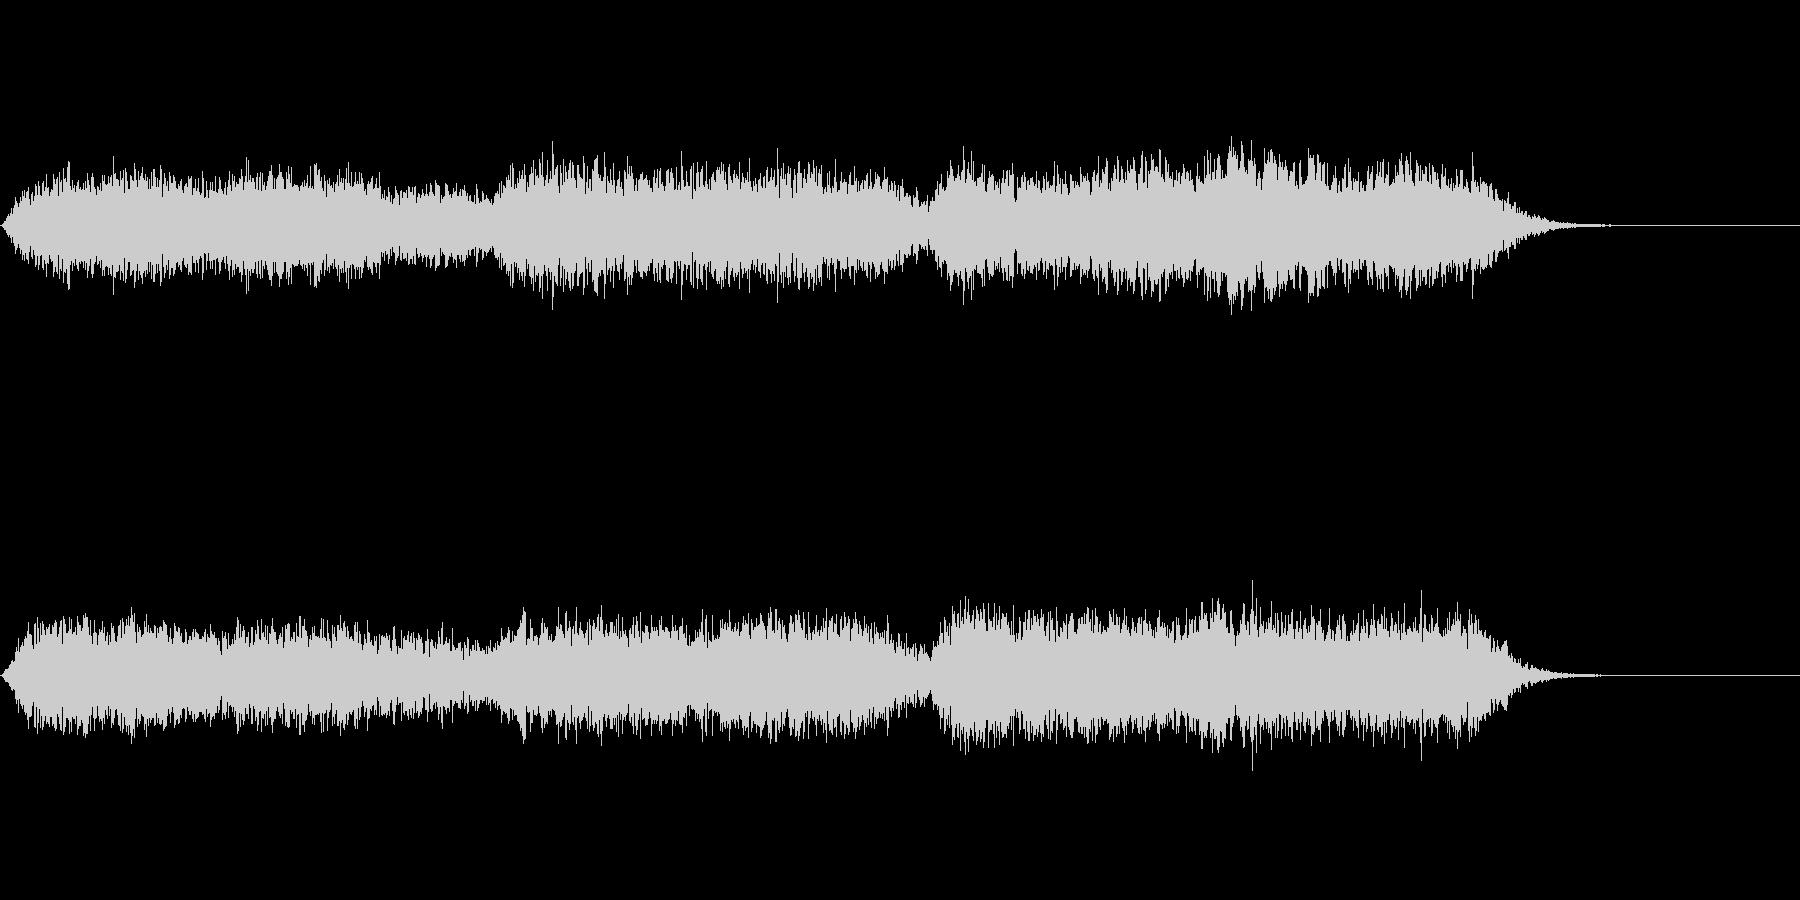 アンビエント的な1:54秒の音楽ですの未再生の波形